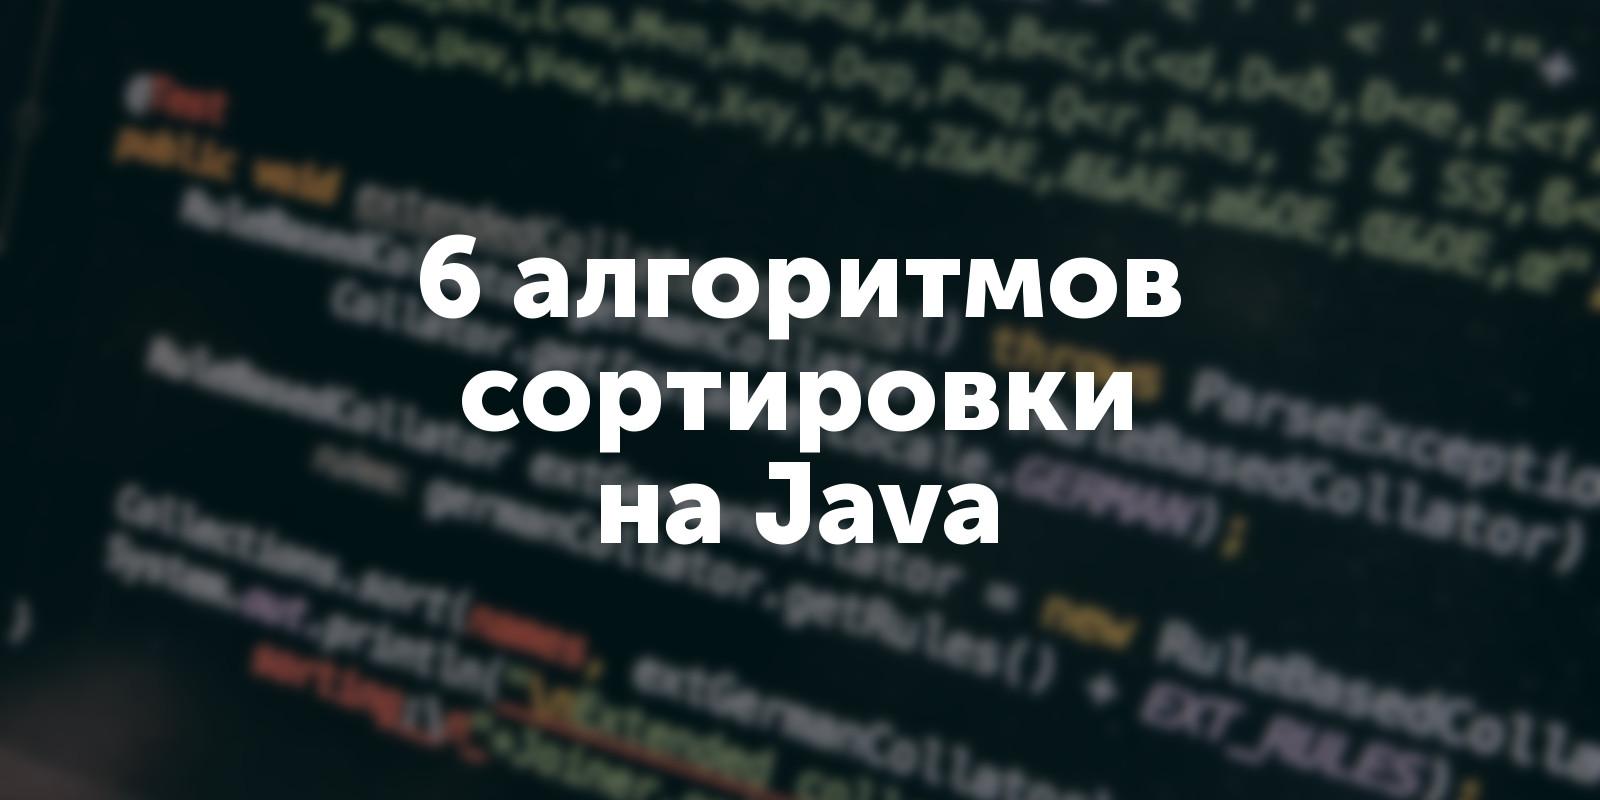 ТОП-6 алгоритмов сортировки на Java для новичков